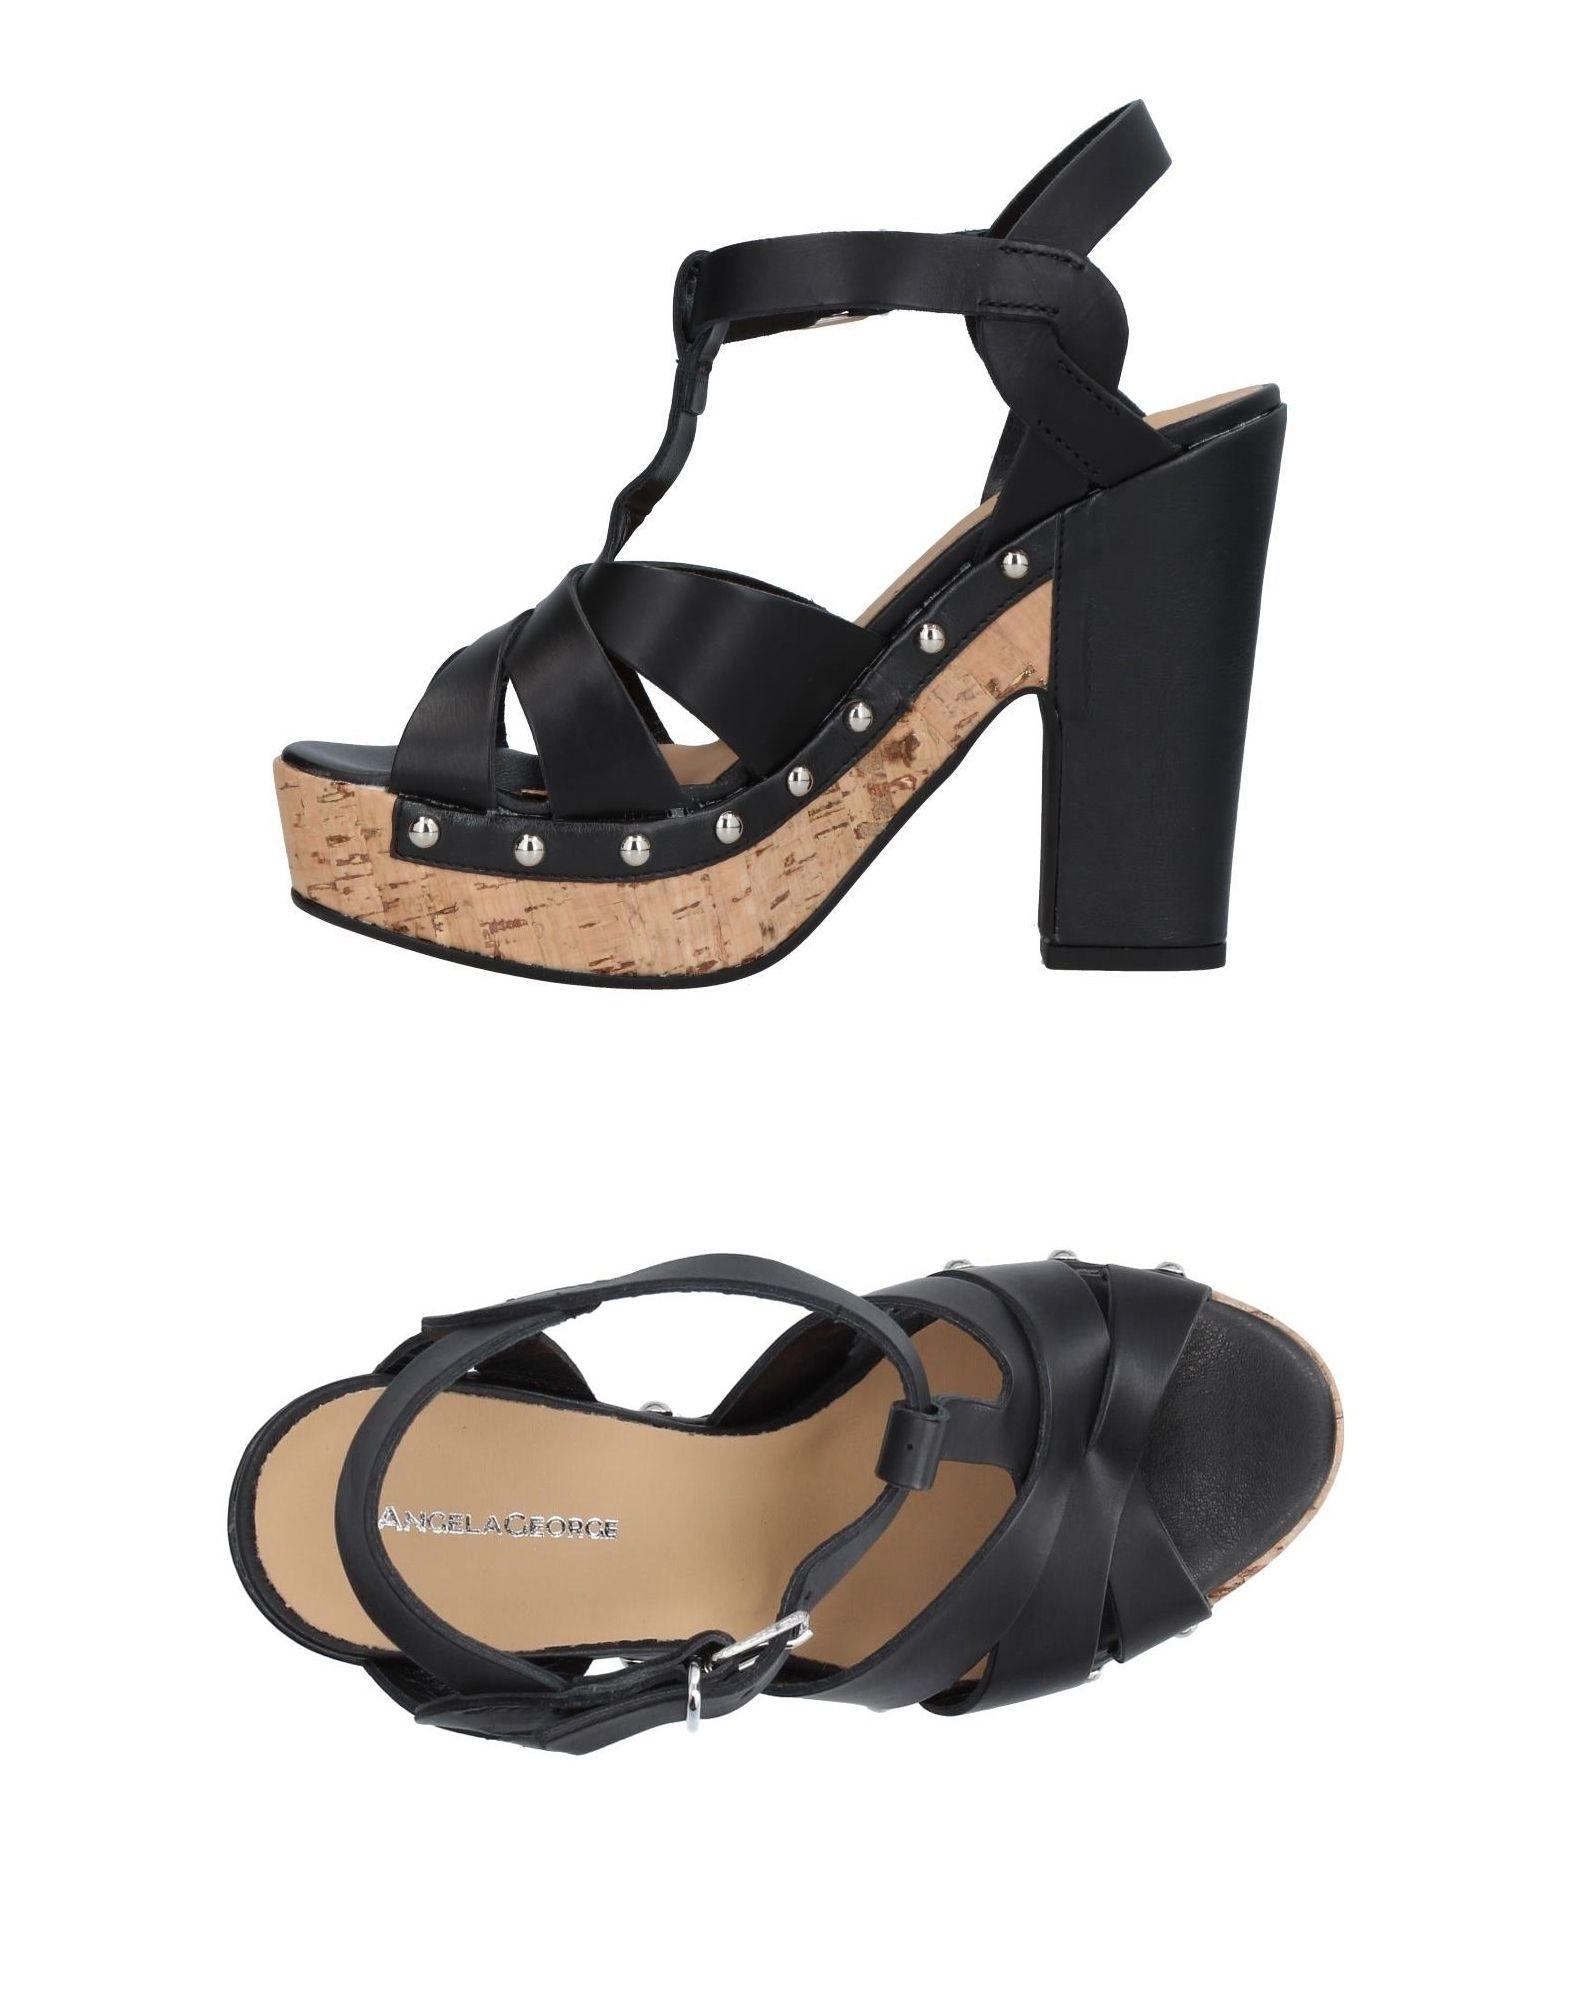 Angela George Sandalen Damen  11406865NS Gute Qualität beliebte Schuhe